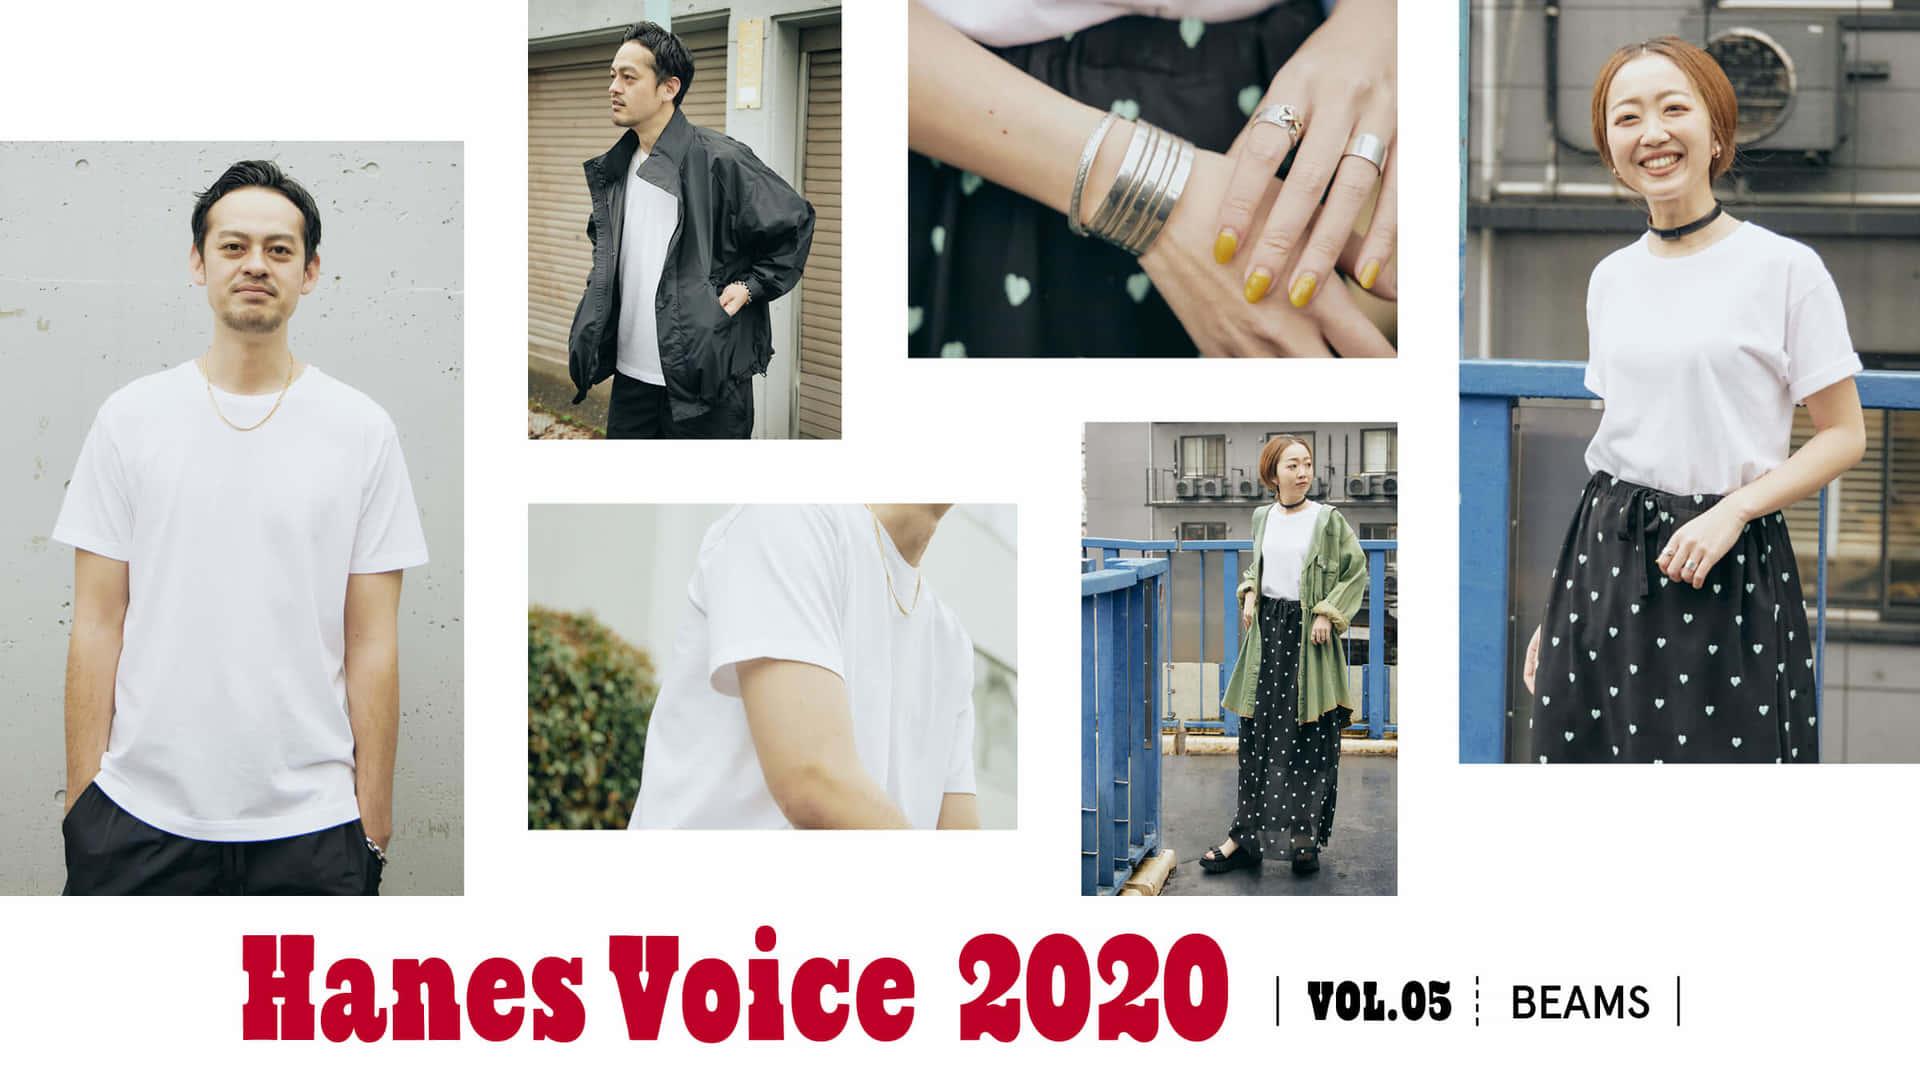 Hanes Voice 2020 vol.5「BEAMS」